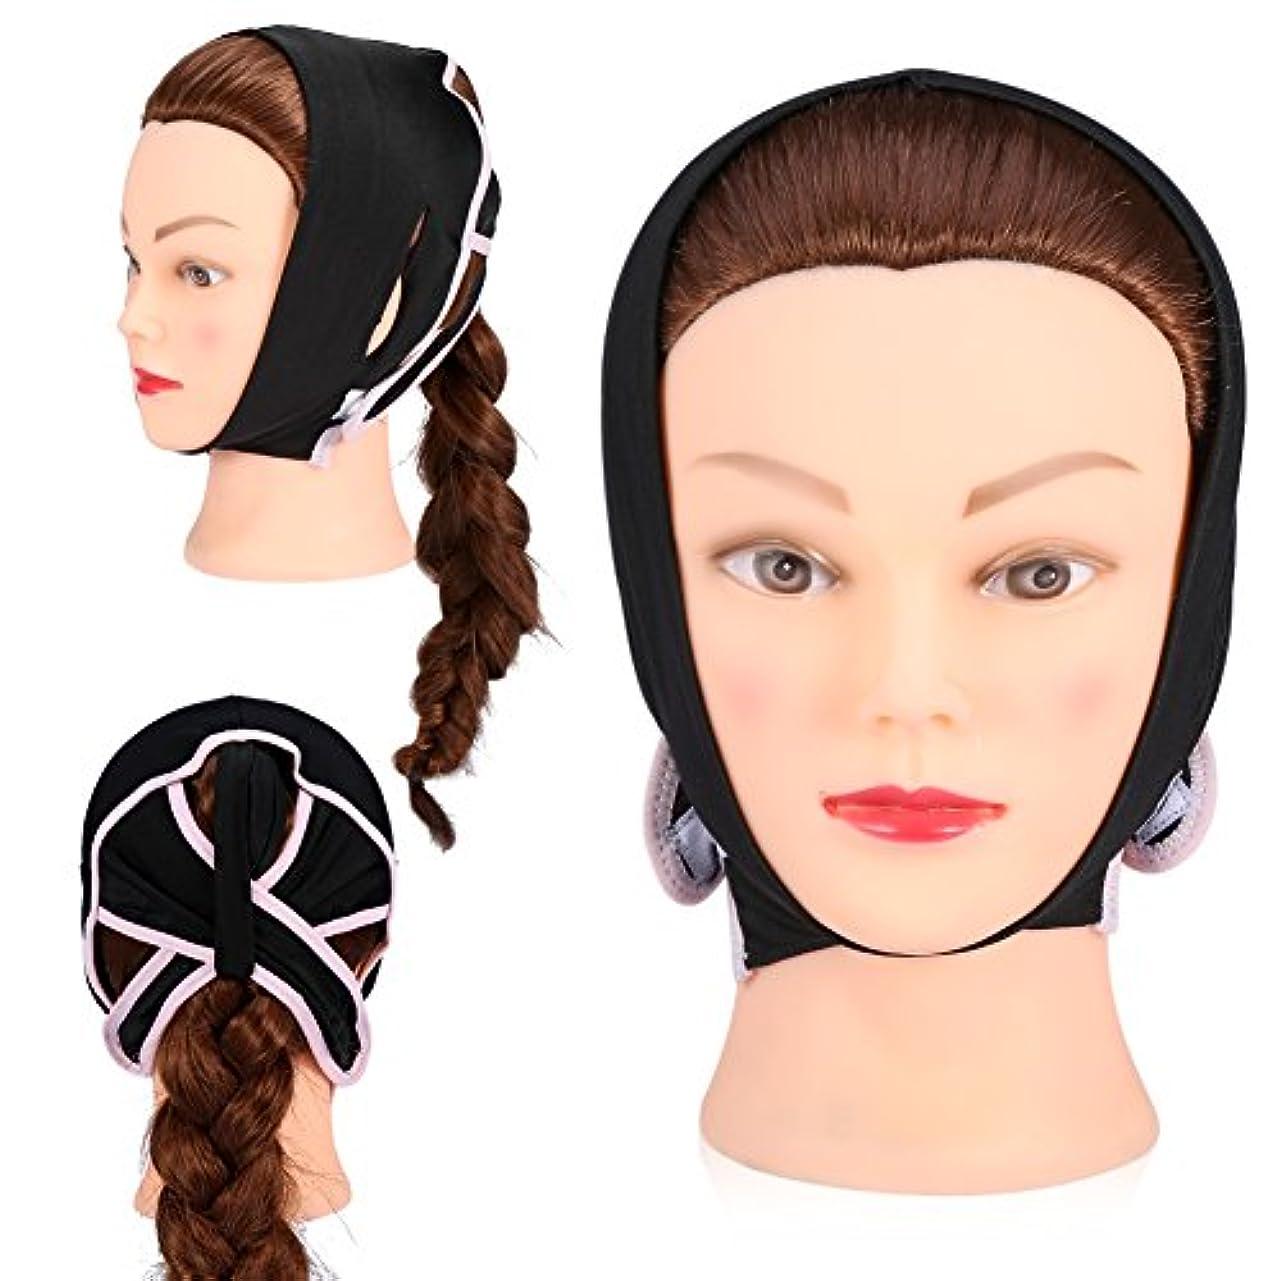 ウィザード気取らない迷彩フェイスケアのための顔面V字型包帯フェイシャルスリミングマスク薄い首のフェイスリフトダブルチン女性用、黒(L)